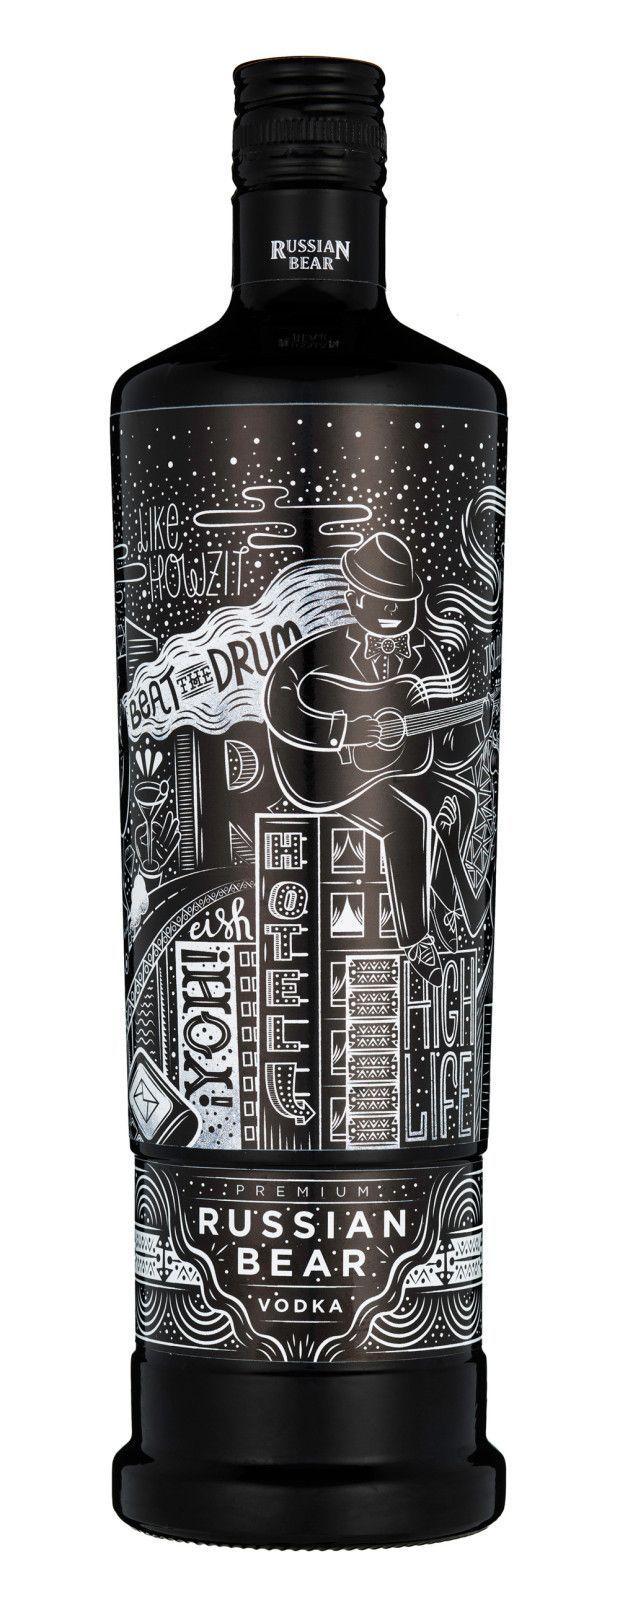 les 25 meilleures id es de la cat gorie tiquettes de bouteille sur pinterest bouteille de gin. Black Bedroom Furniture Sets. Home Design Ideas